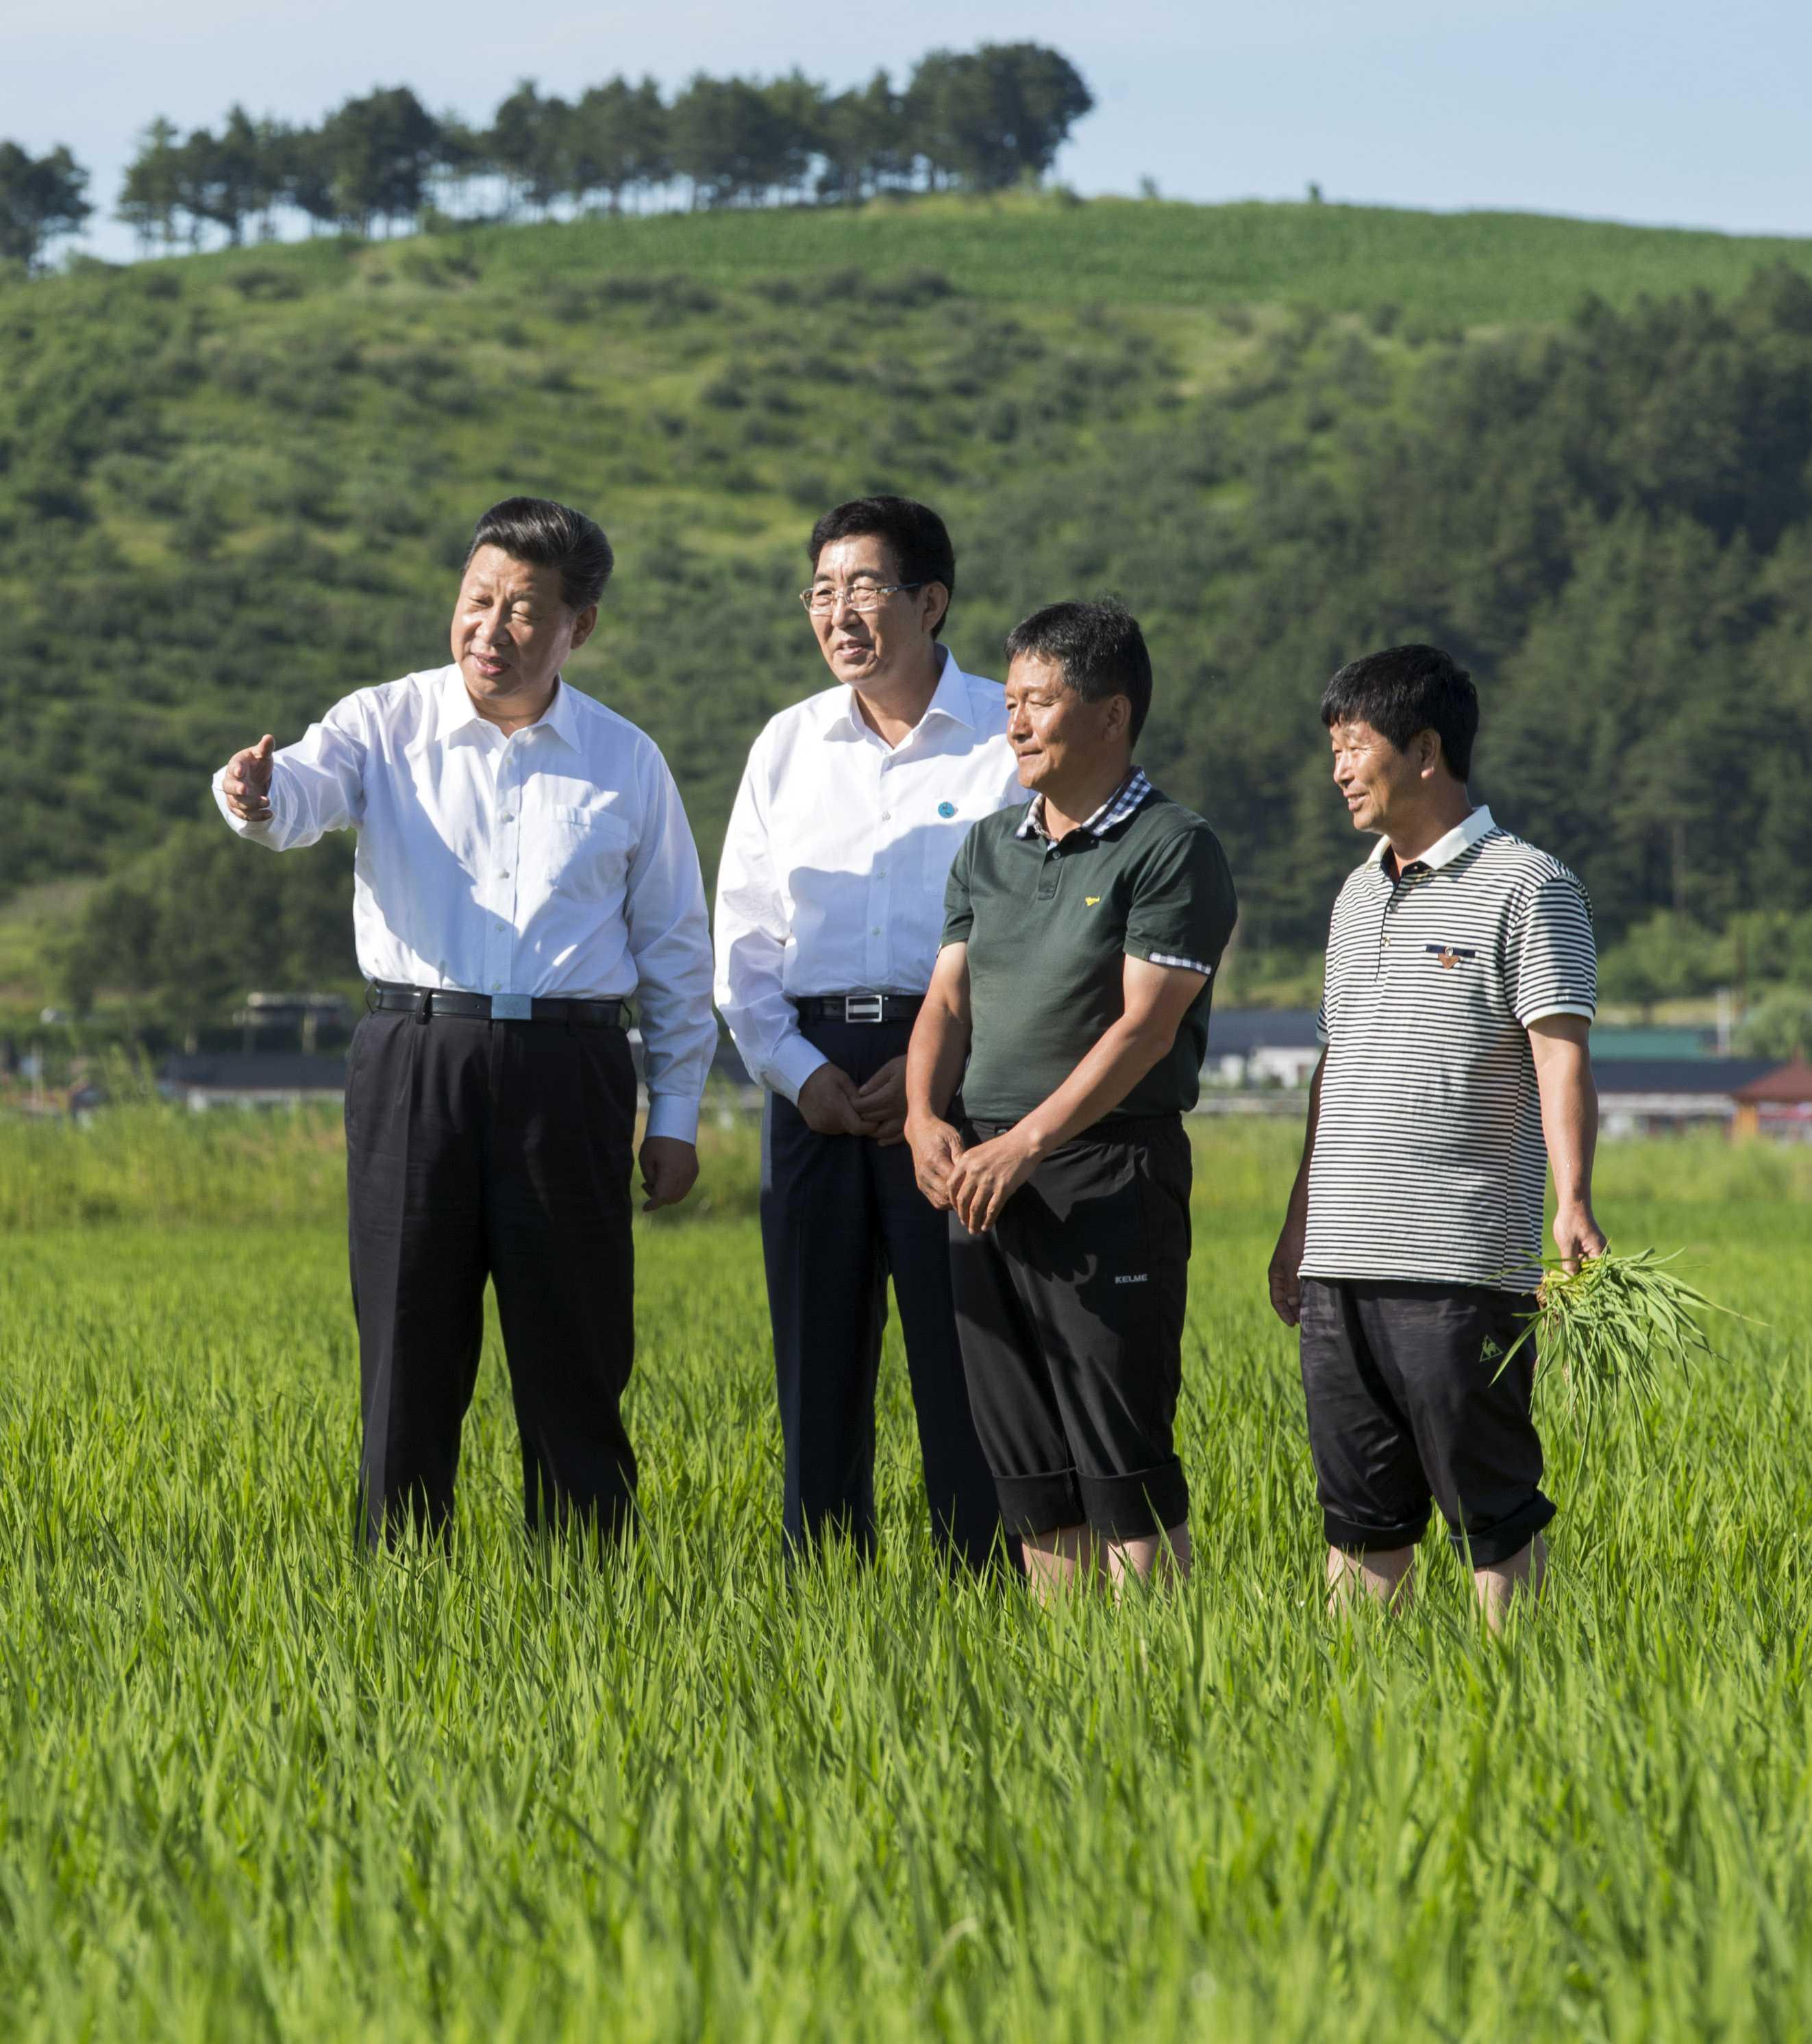 2015年7月16日,习近平总书记在吉林省延边州和龙市东城镇光东村视察水稻长势。